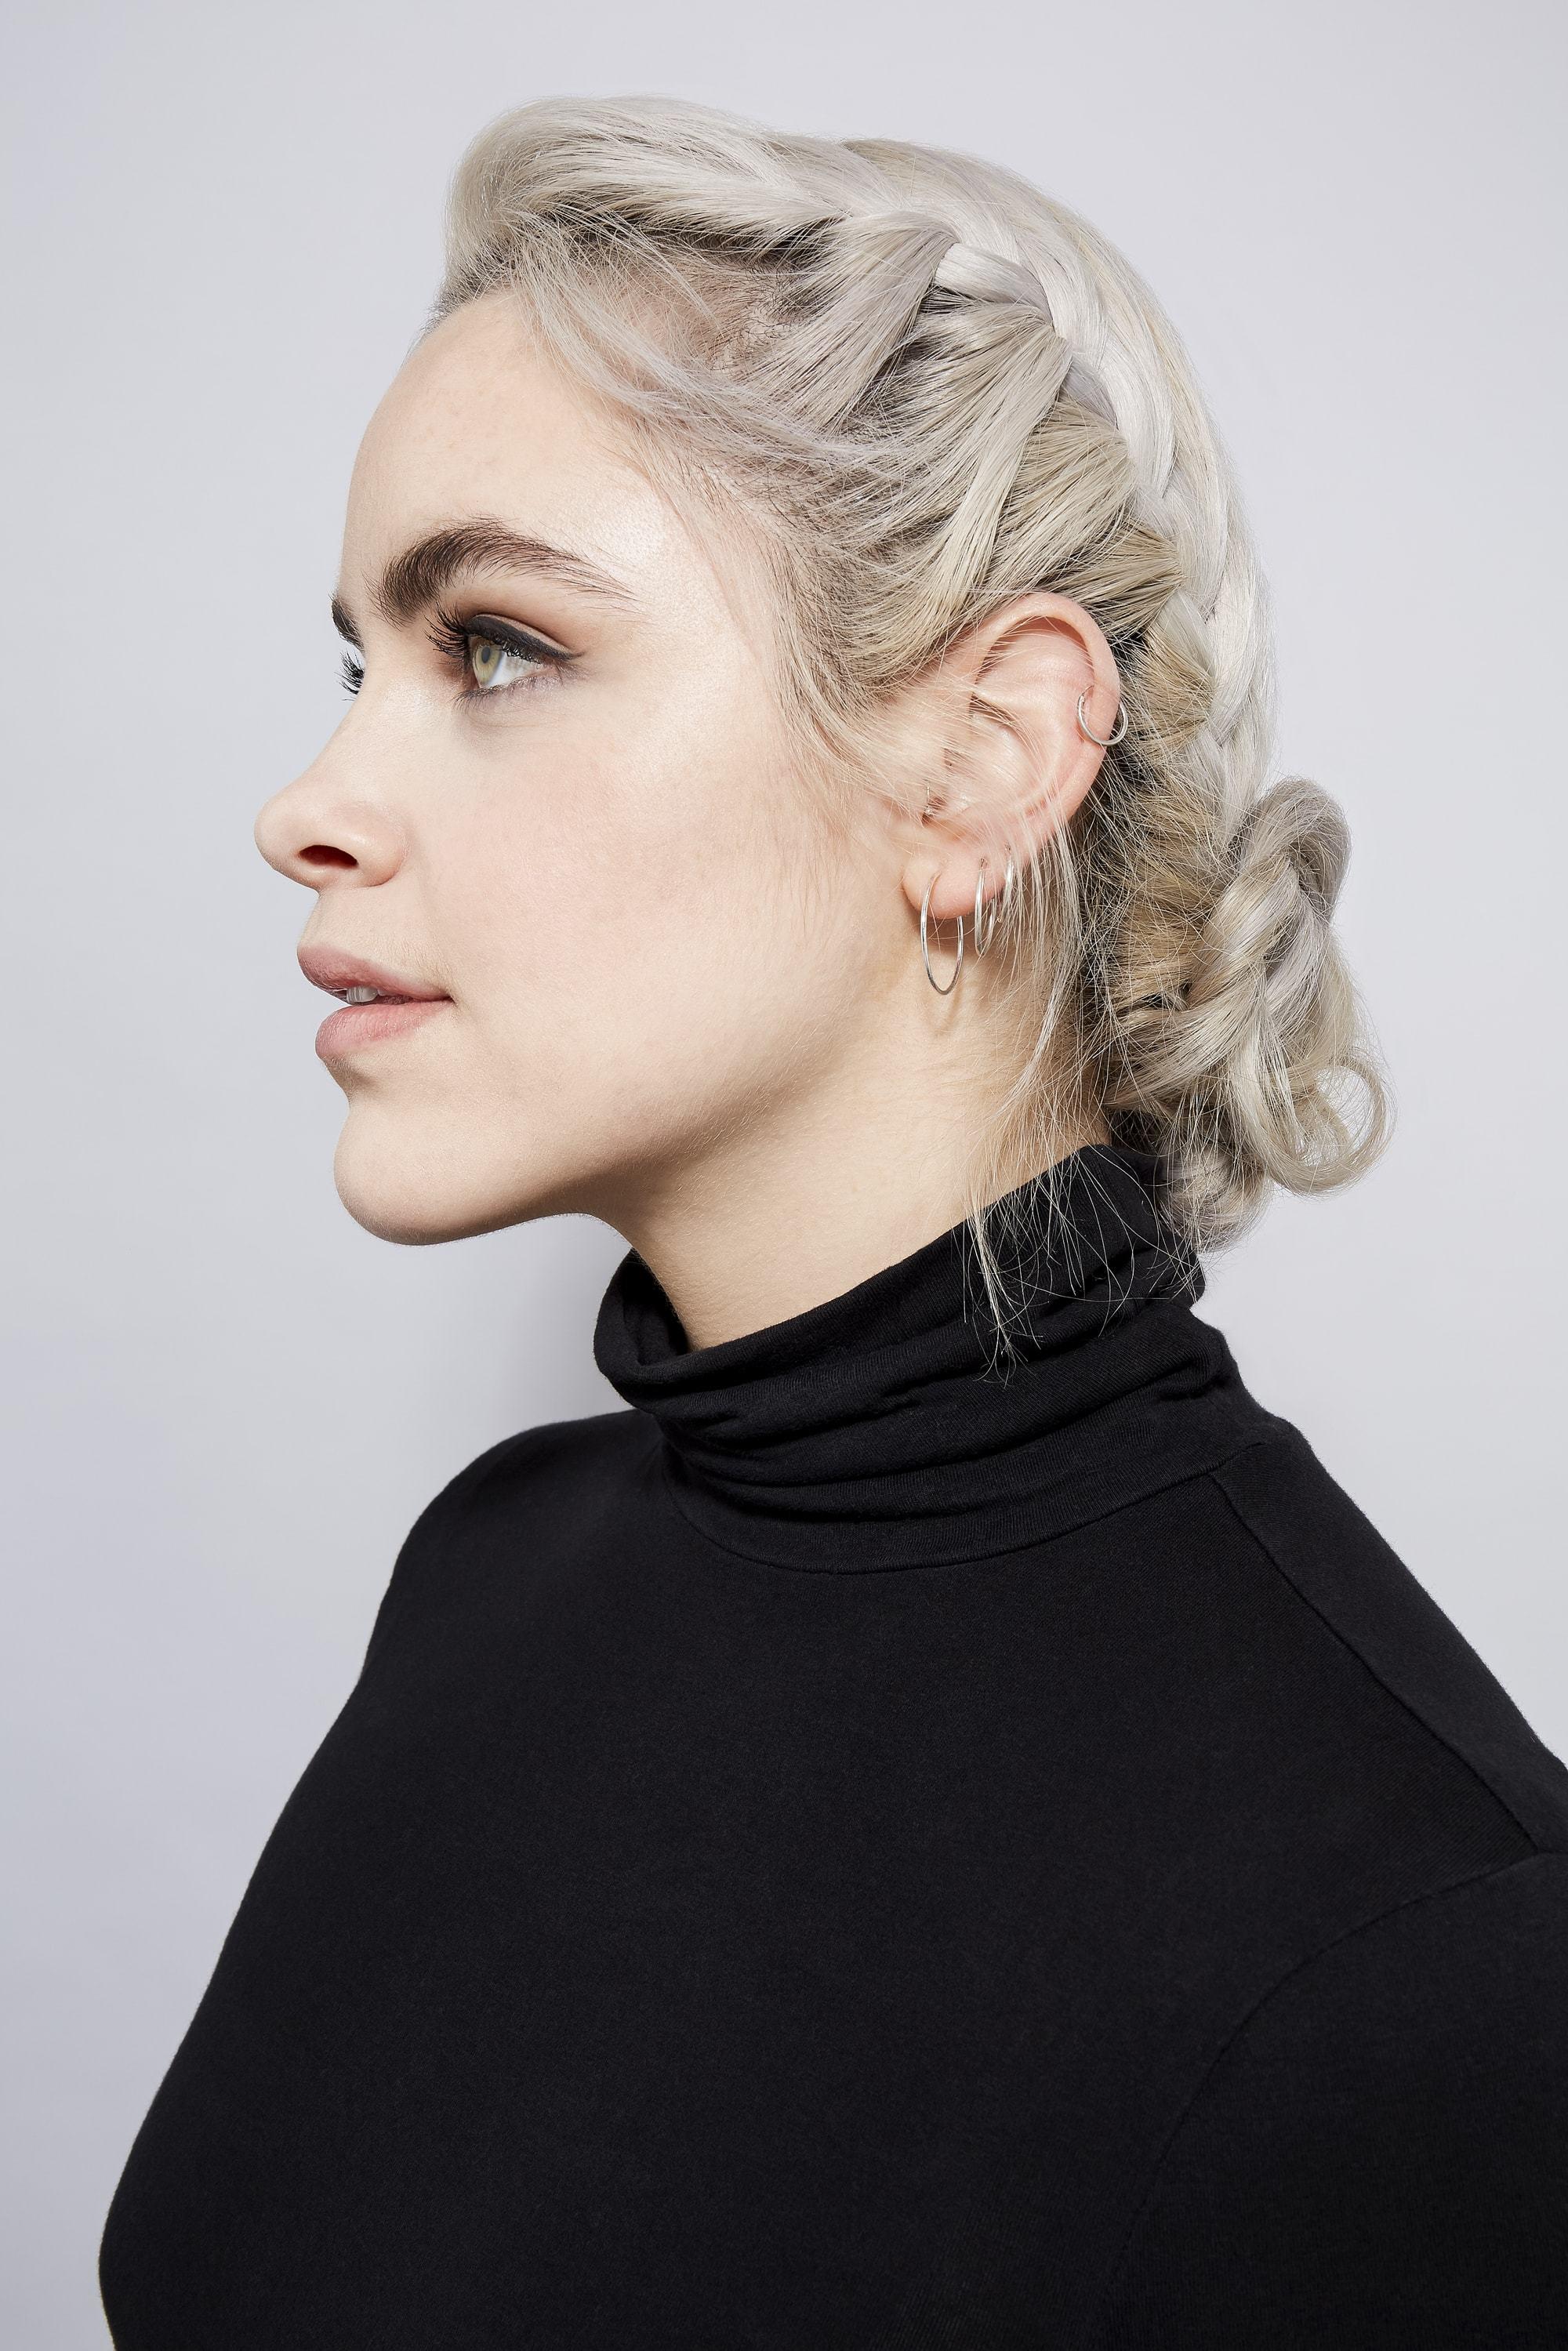 Femme aux cheveux blond platine dans un chignon français tressé